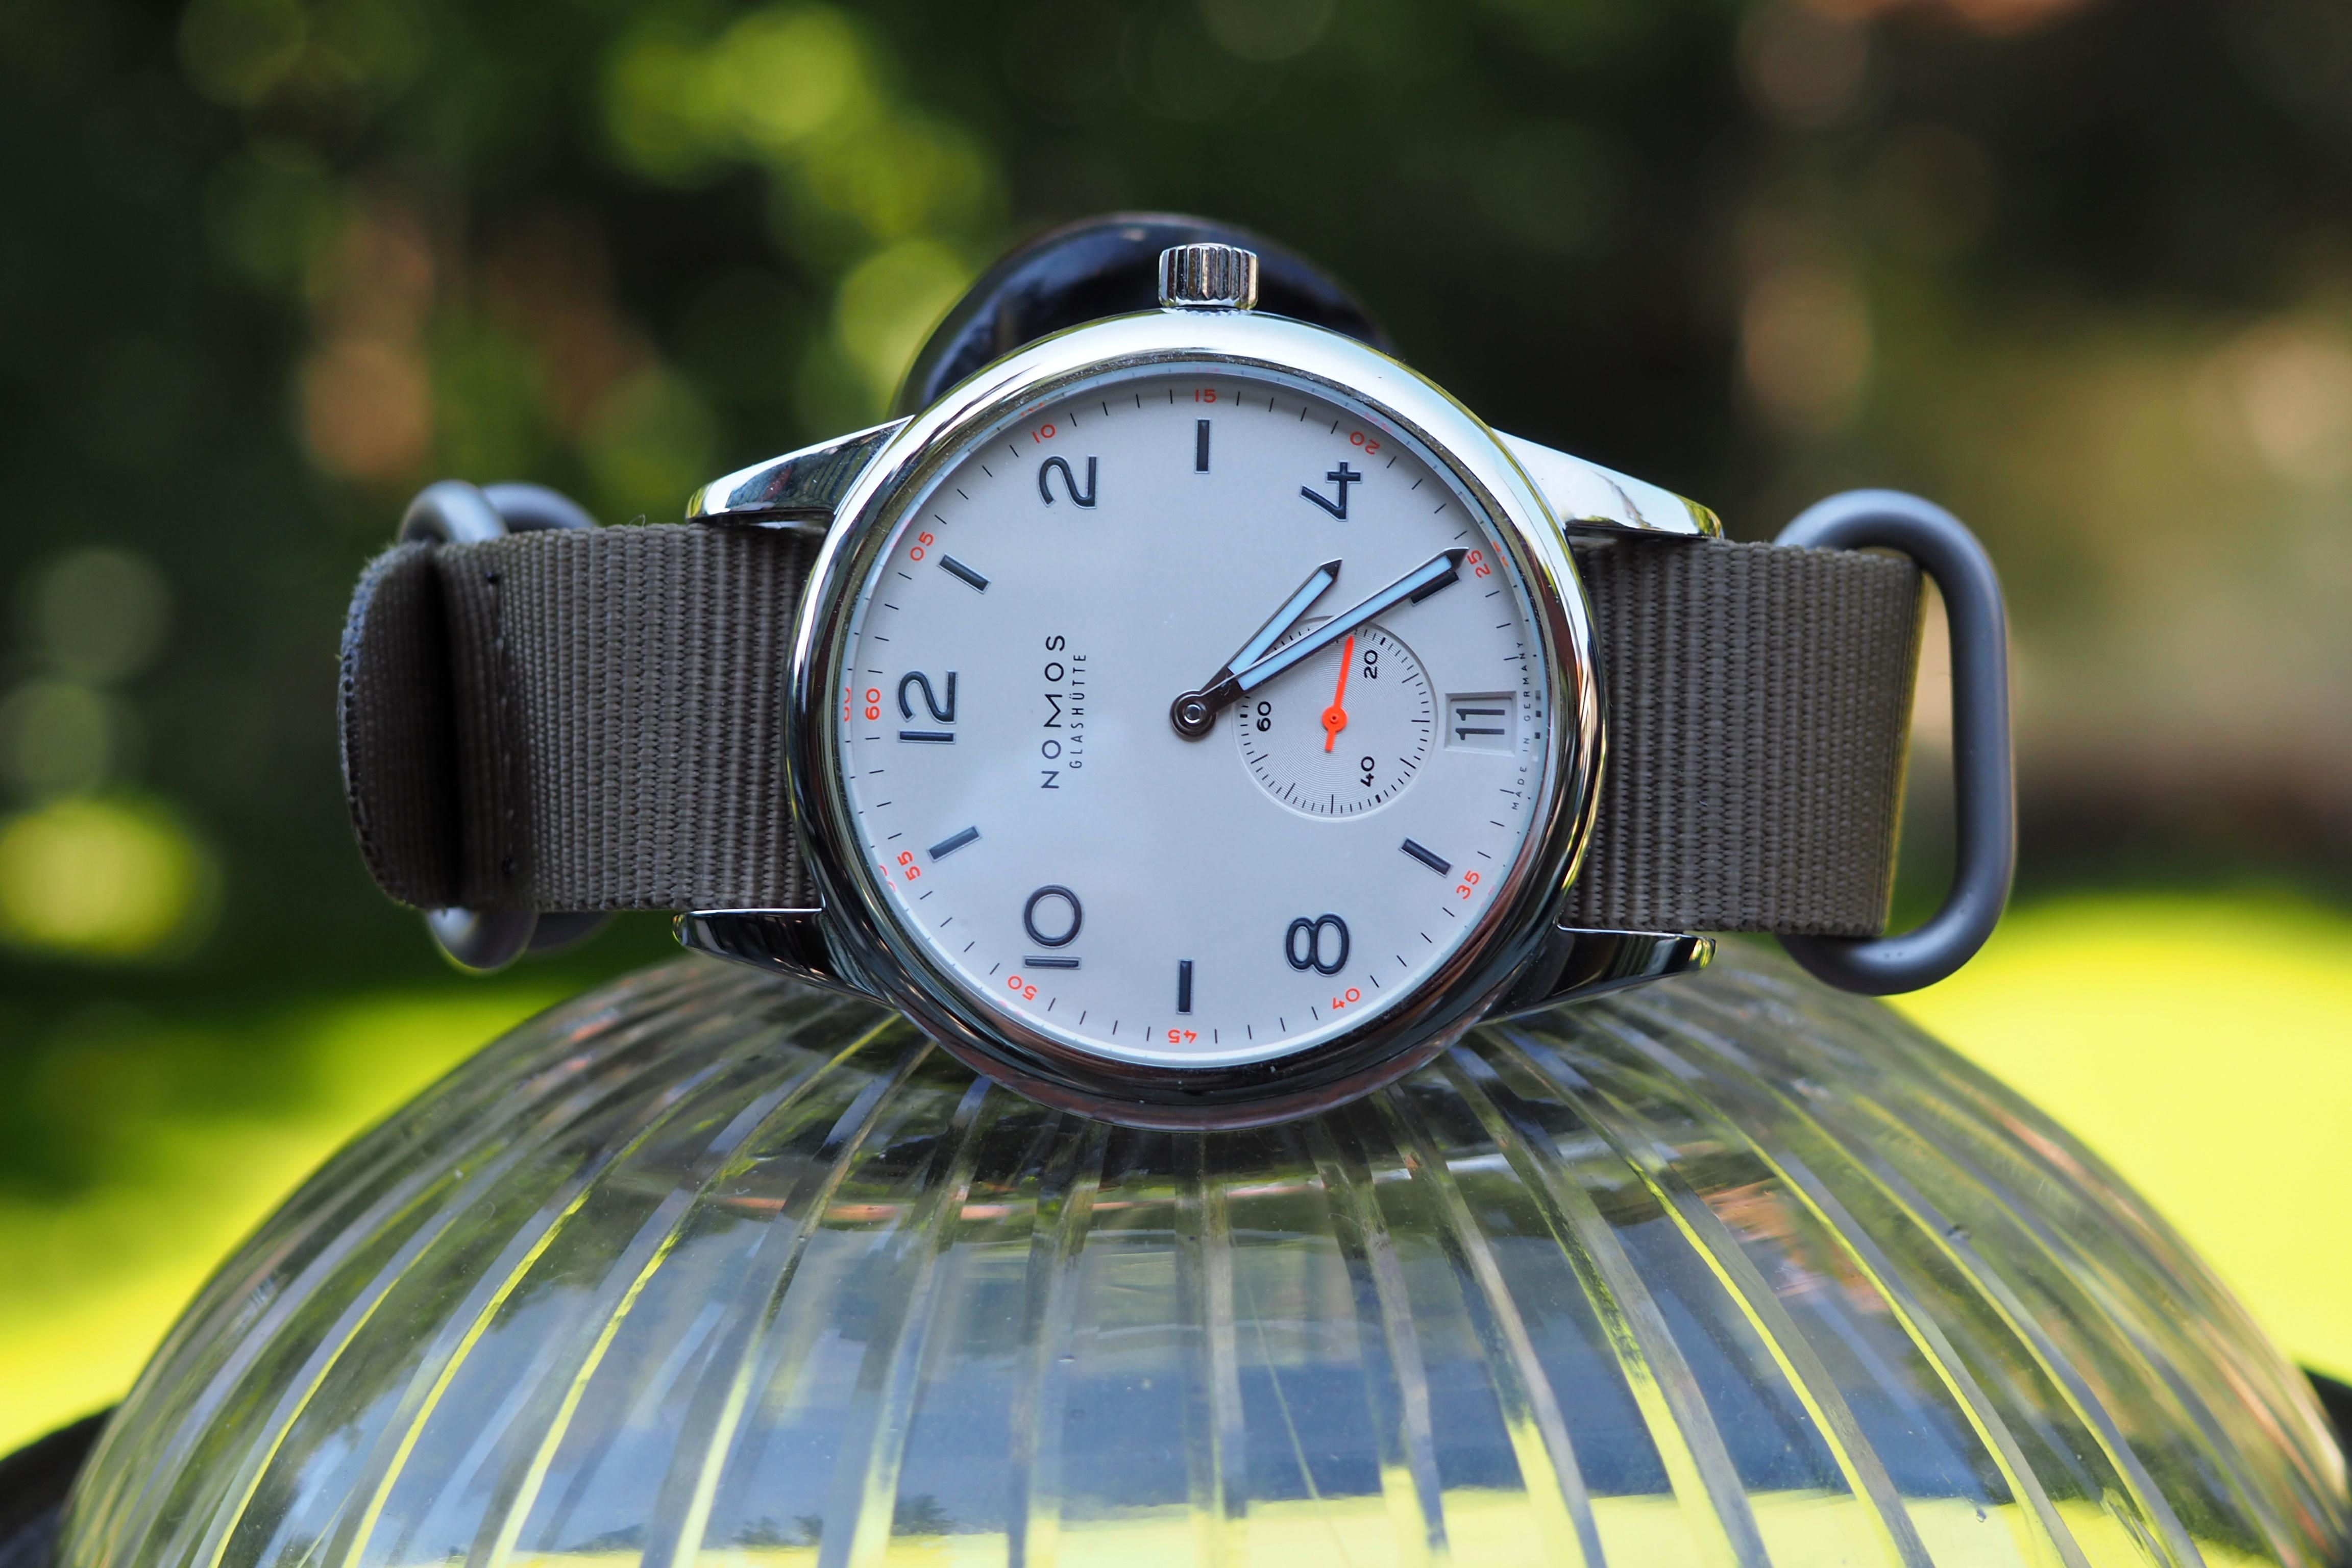 Nomos Club Automat Datum Watch Review